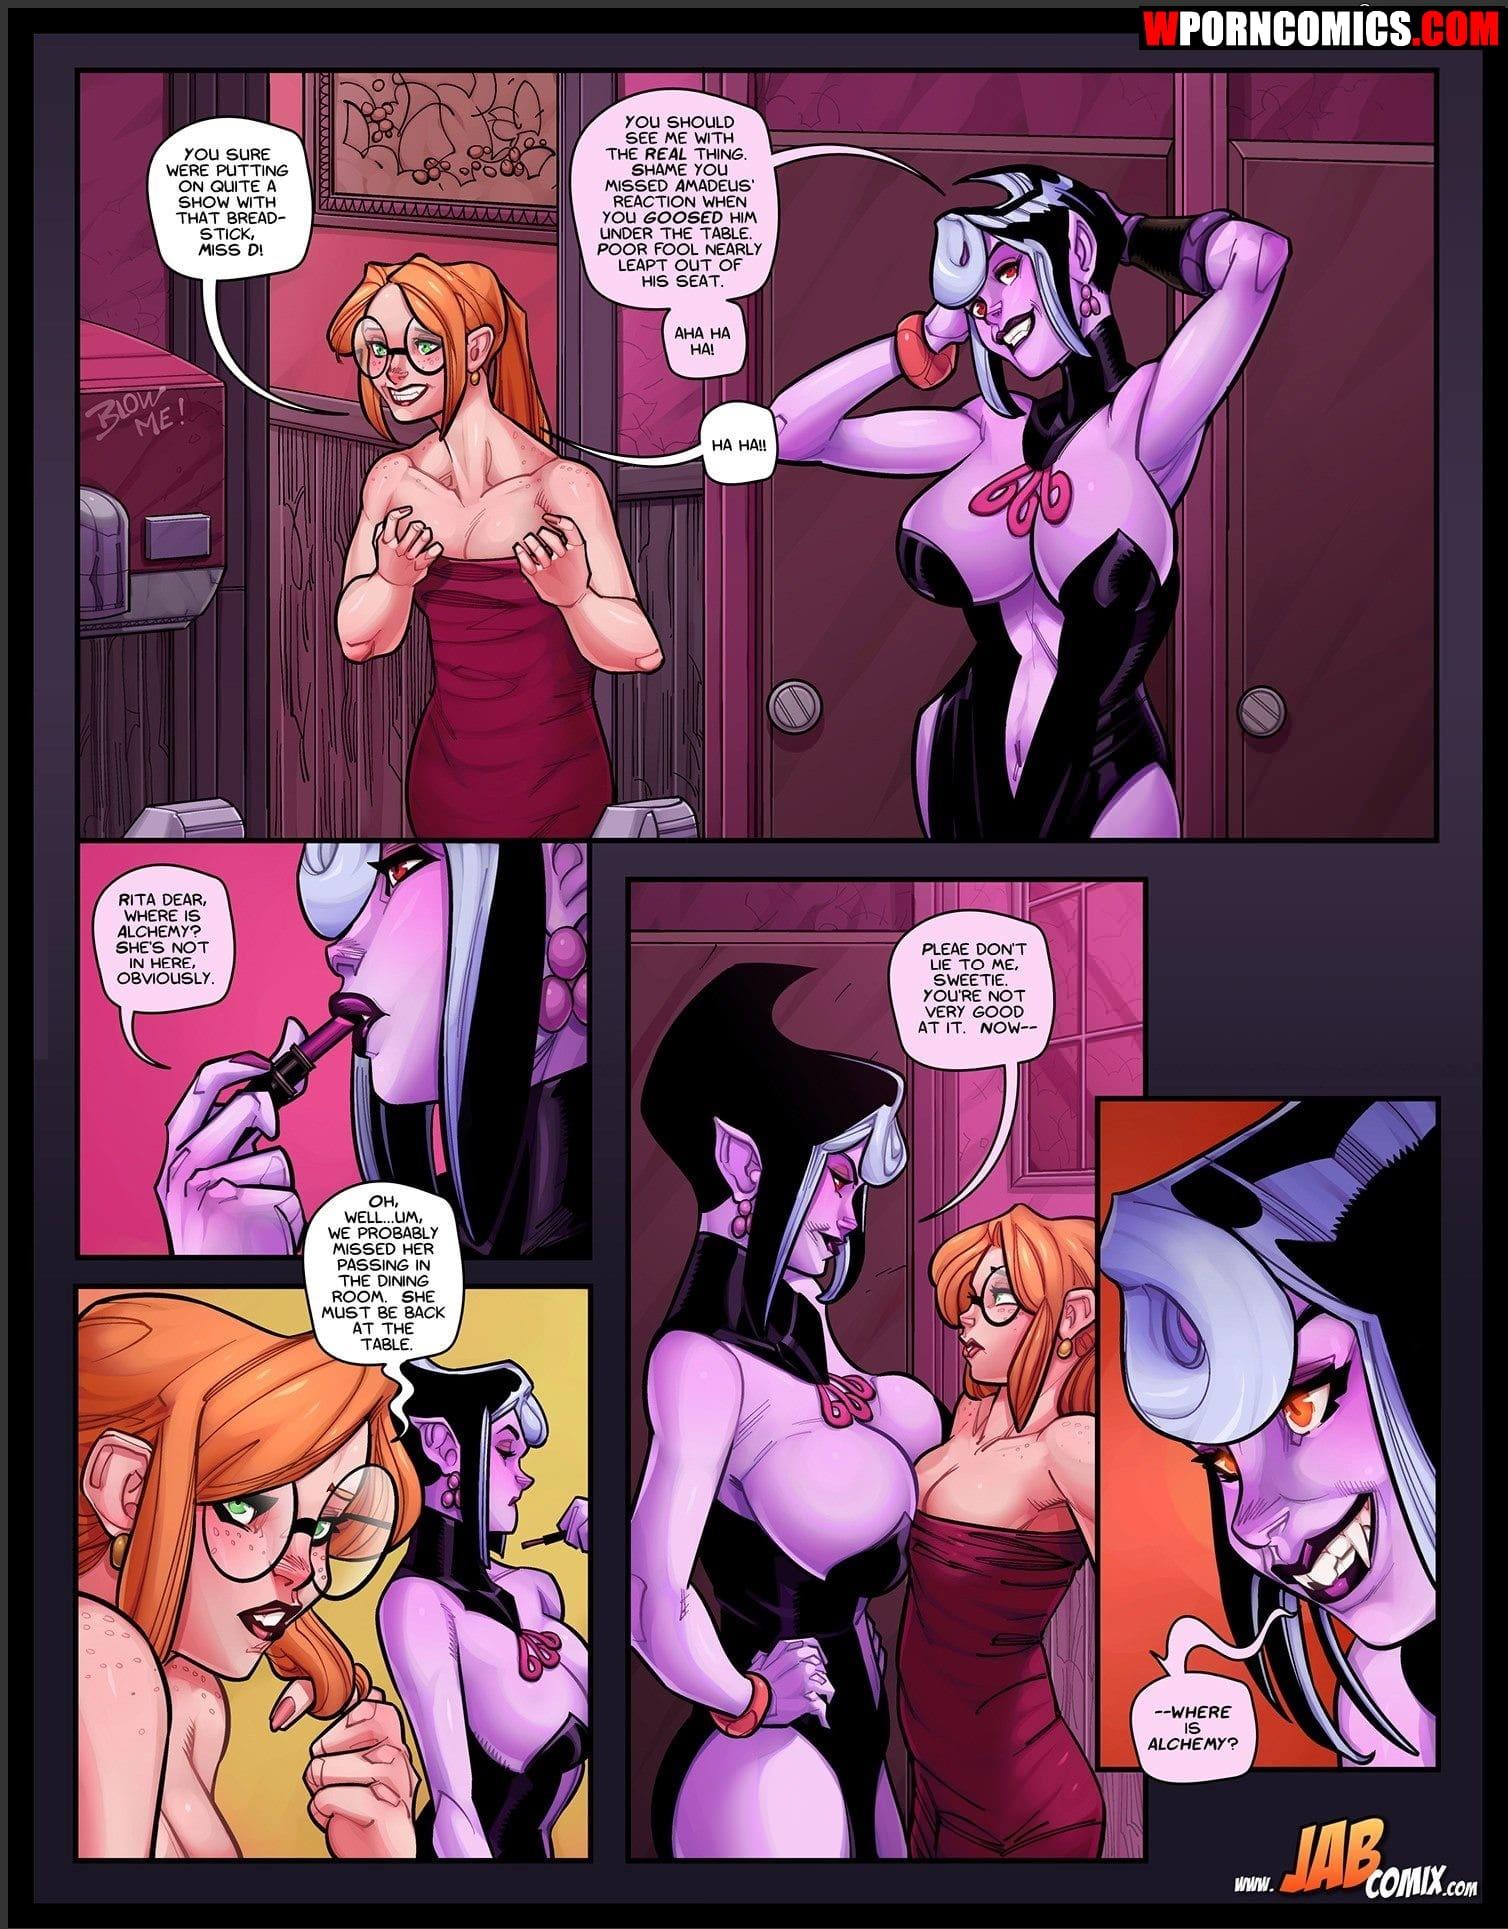 porn-comic-the-creepies-part-3-2020-02-14/porn-comic-the-creepies-part-3-2020-02-14-4891.jpg